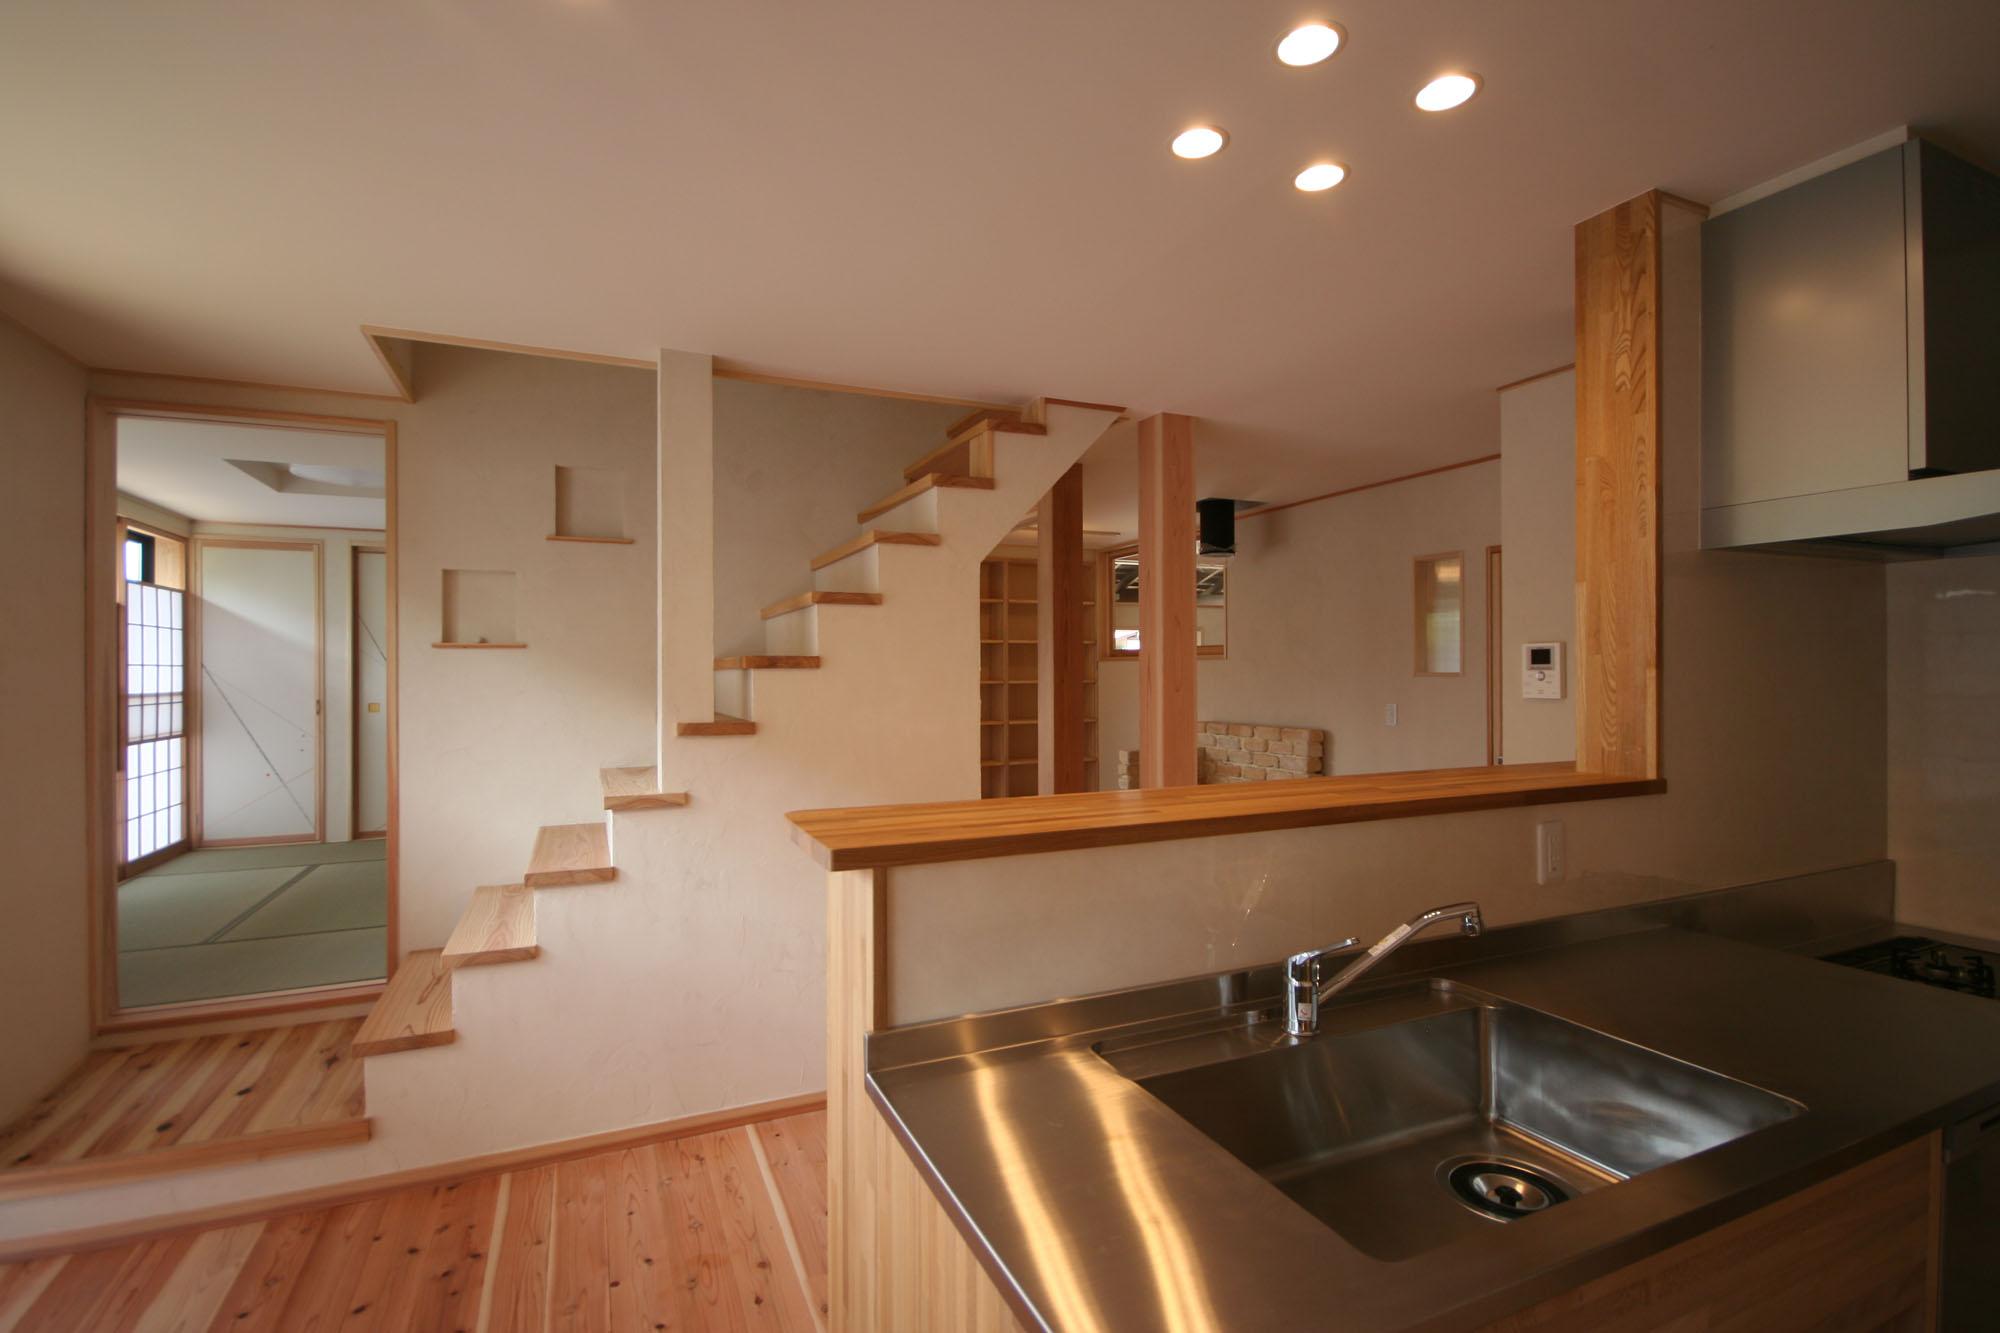 広い空間の中央に階段を設けました。の写真